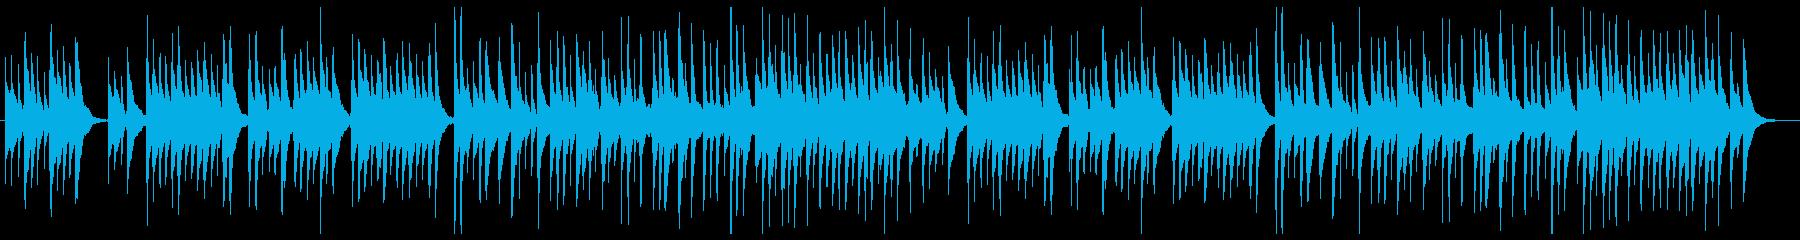 「ロンドンデリーの歌」ウクレレカバーの再生済みの波形